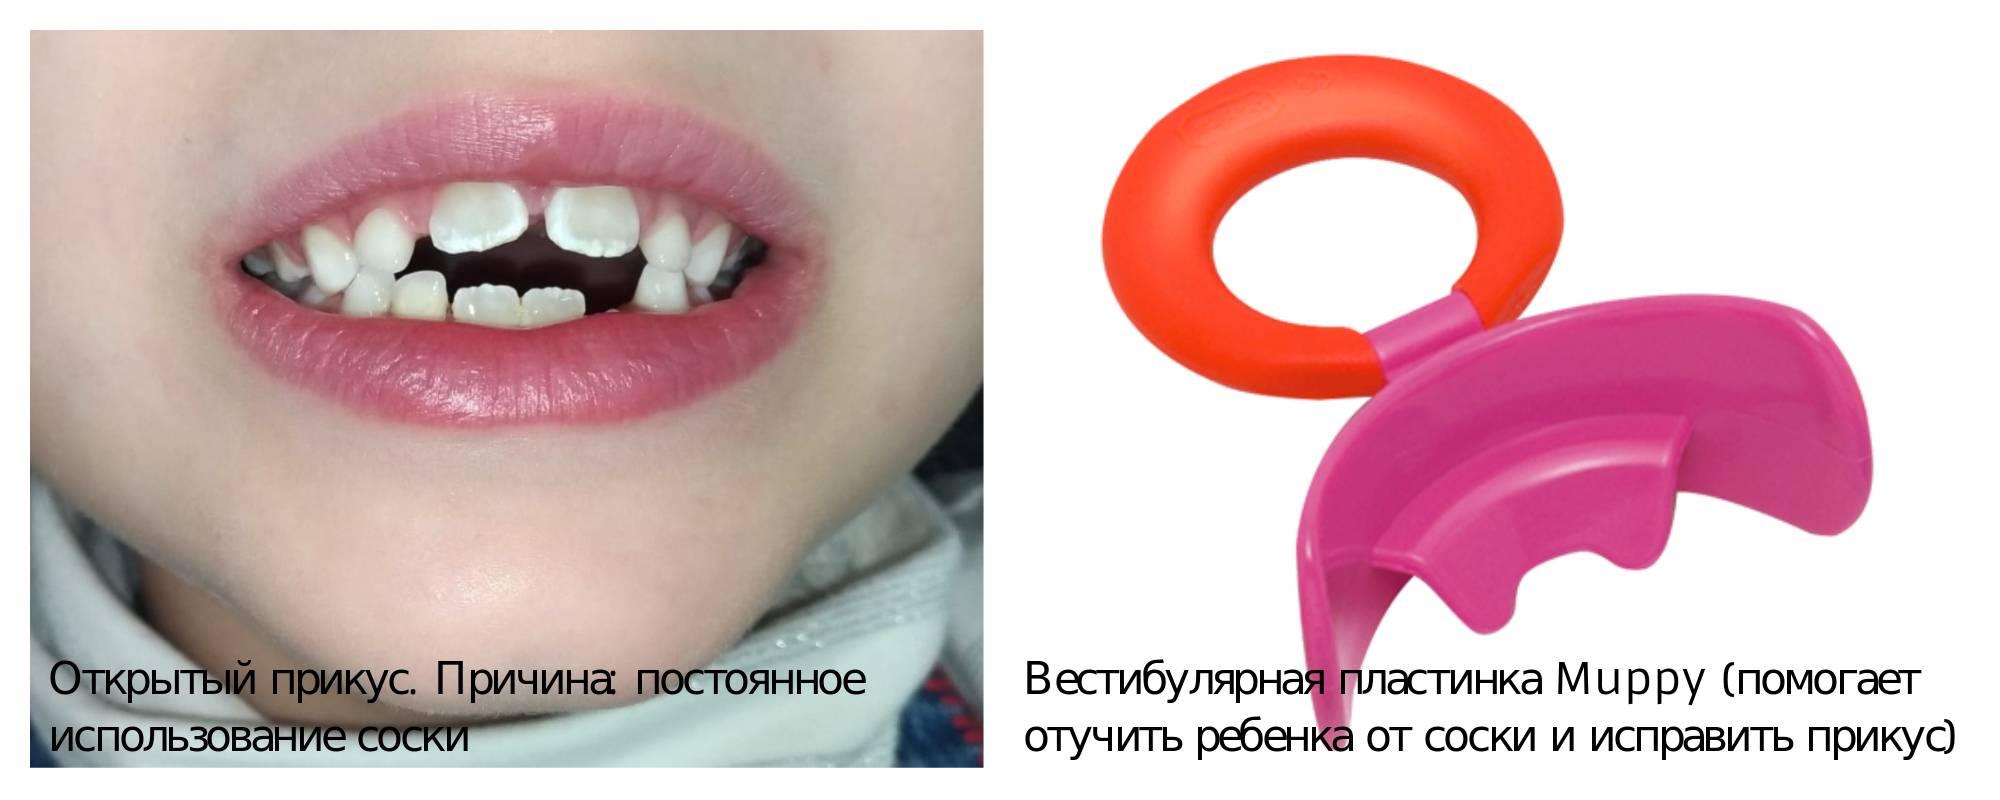 Мы твои сестрички, мы- твои привычки! - вестибулярная пластинка отзывы - запись пользователя алина русикова (rusikova) в сообществе воспитание, психология - от года до трех в категории всё о сосании соски, пустышки, пальчиков - babyblog.ru